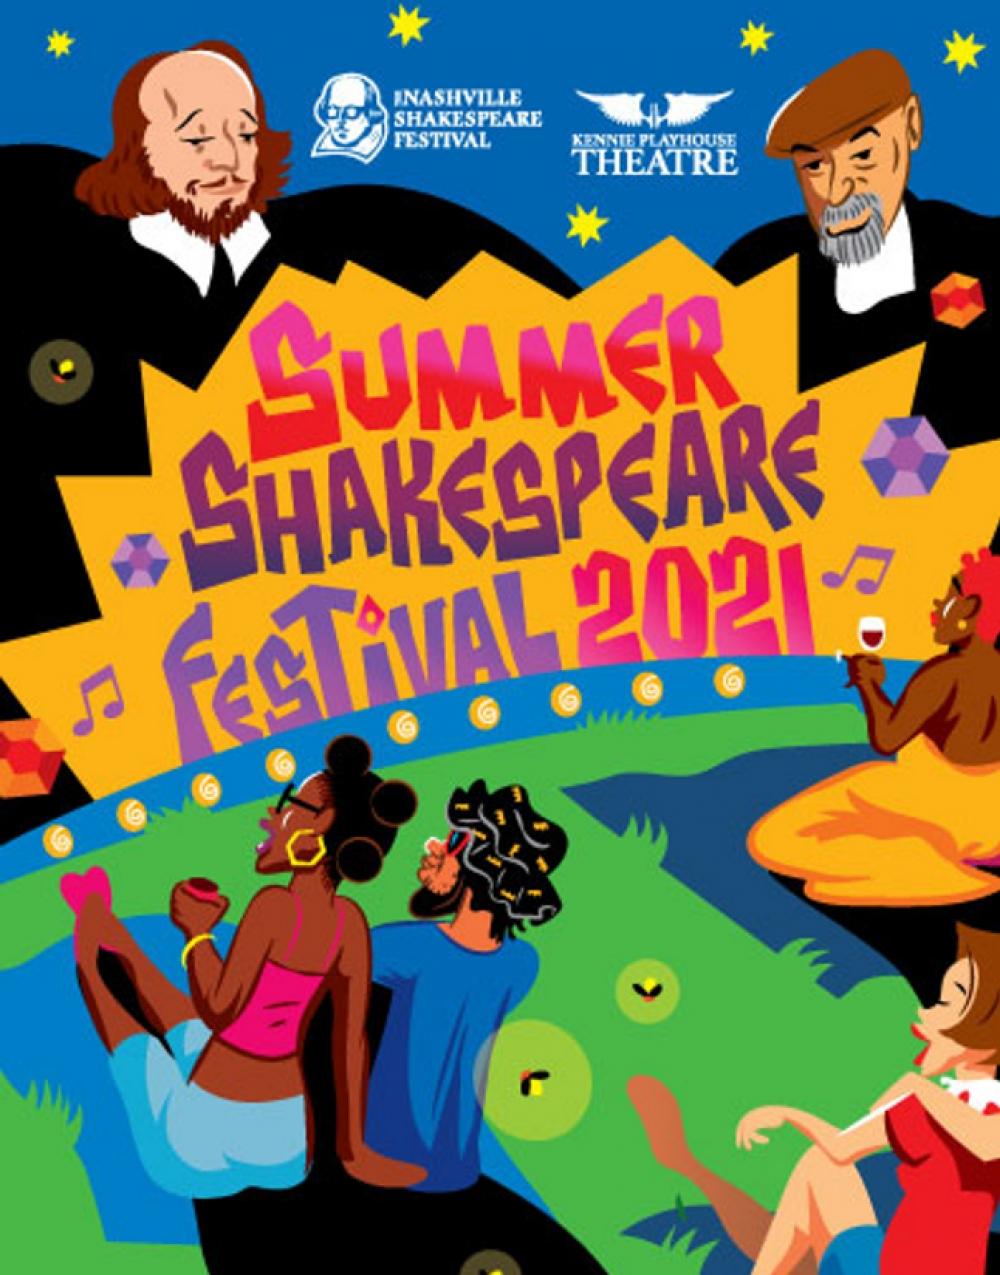 Summer Shakespeare Festival 2021- Shakespeare's Twelfth Night at Nashville Shakespeare Festival